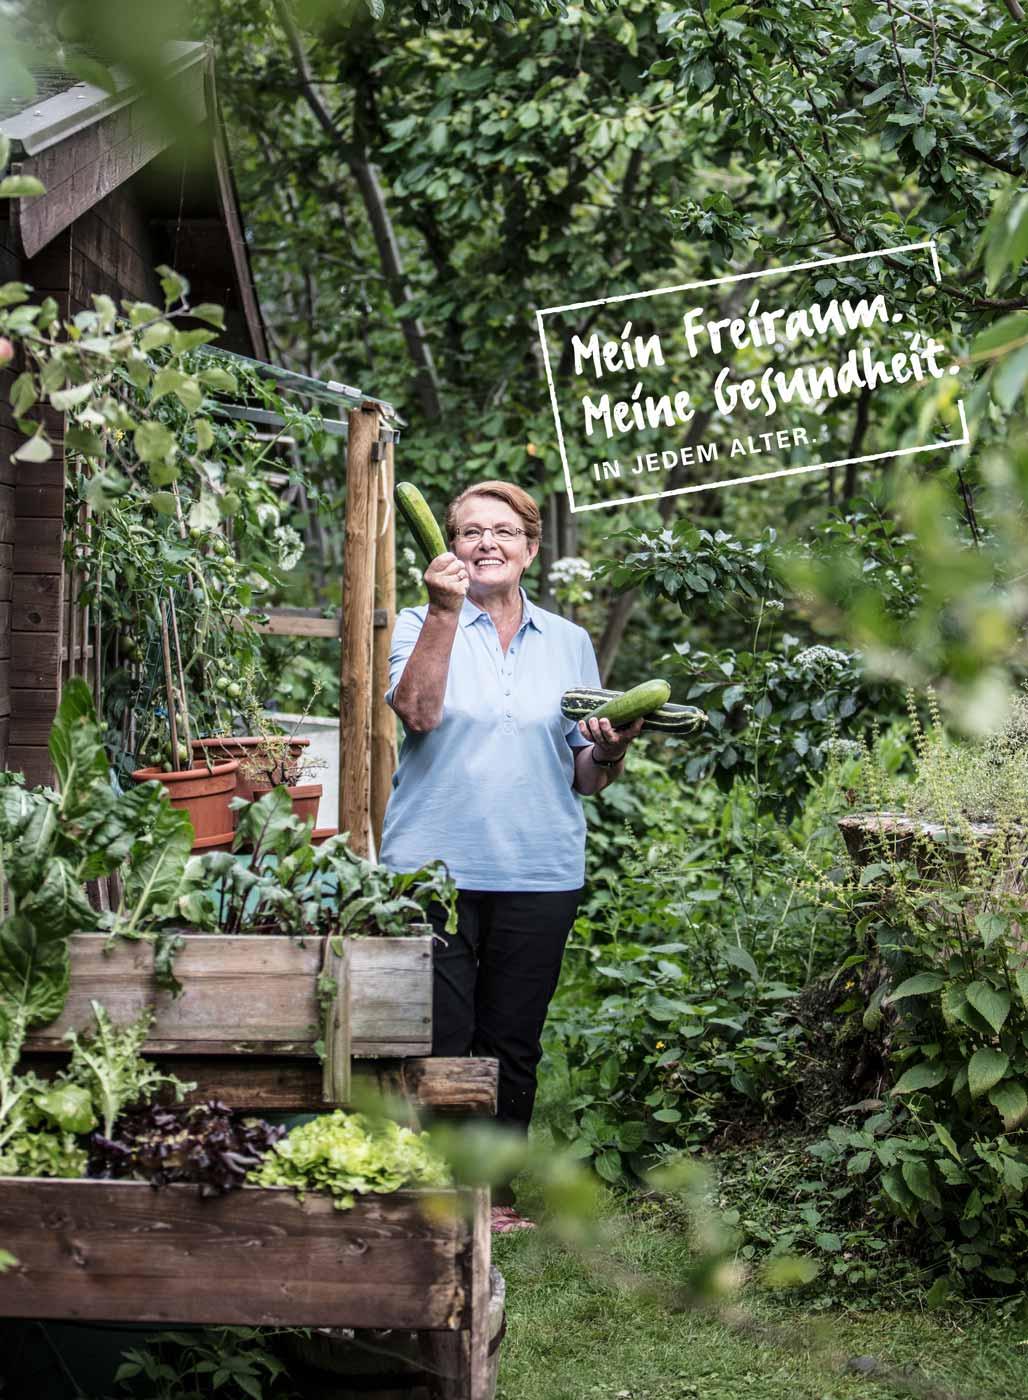 Mein Freiraum. Meine Gesundheit. In jedem Alter. Bild zeigt eine Frau im Garten, die eine Zucchini in der Hand hält.